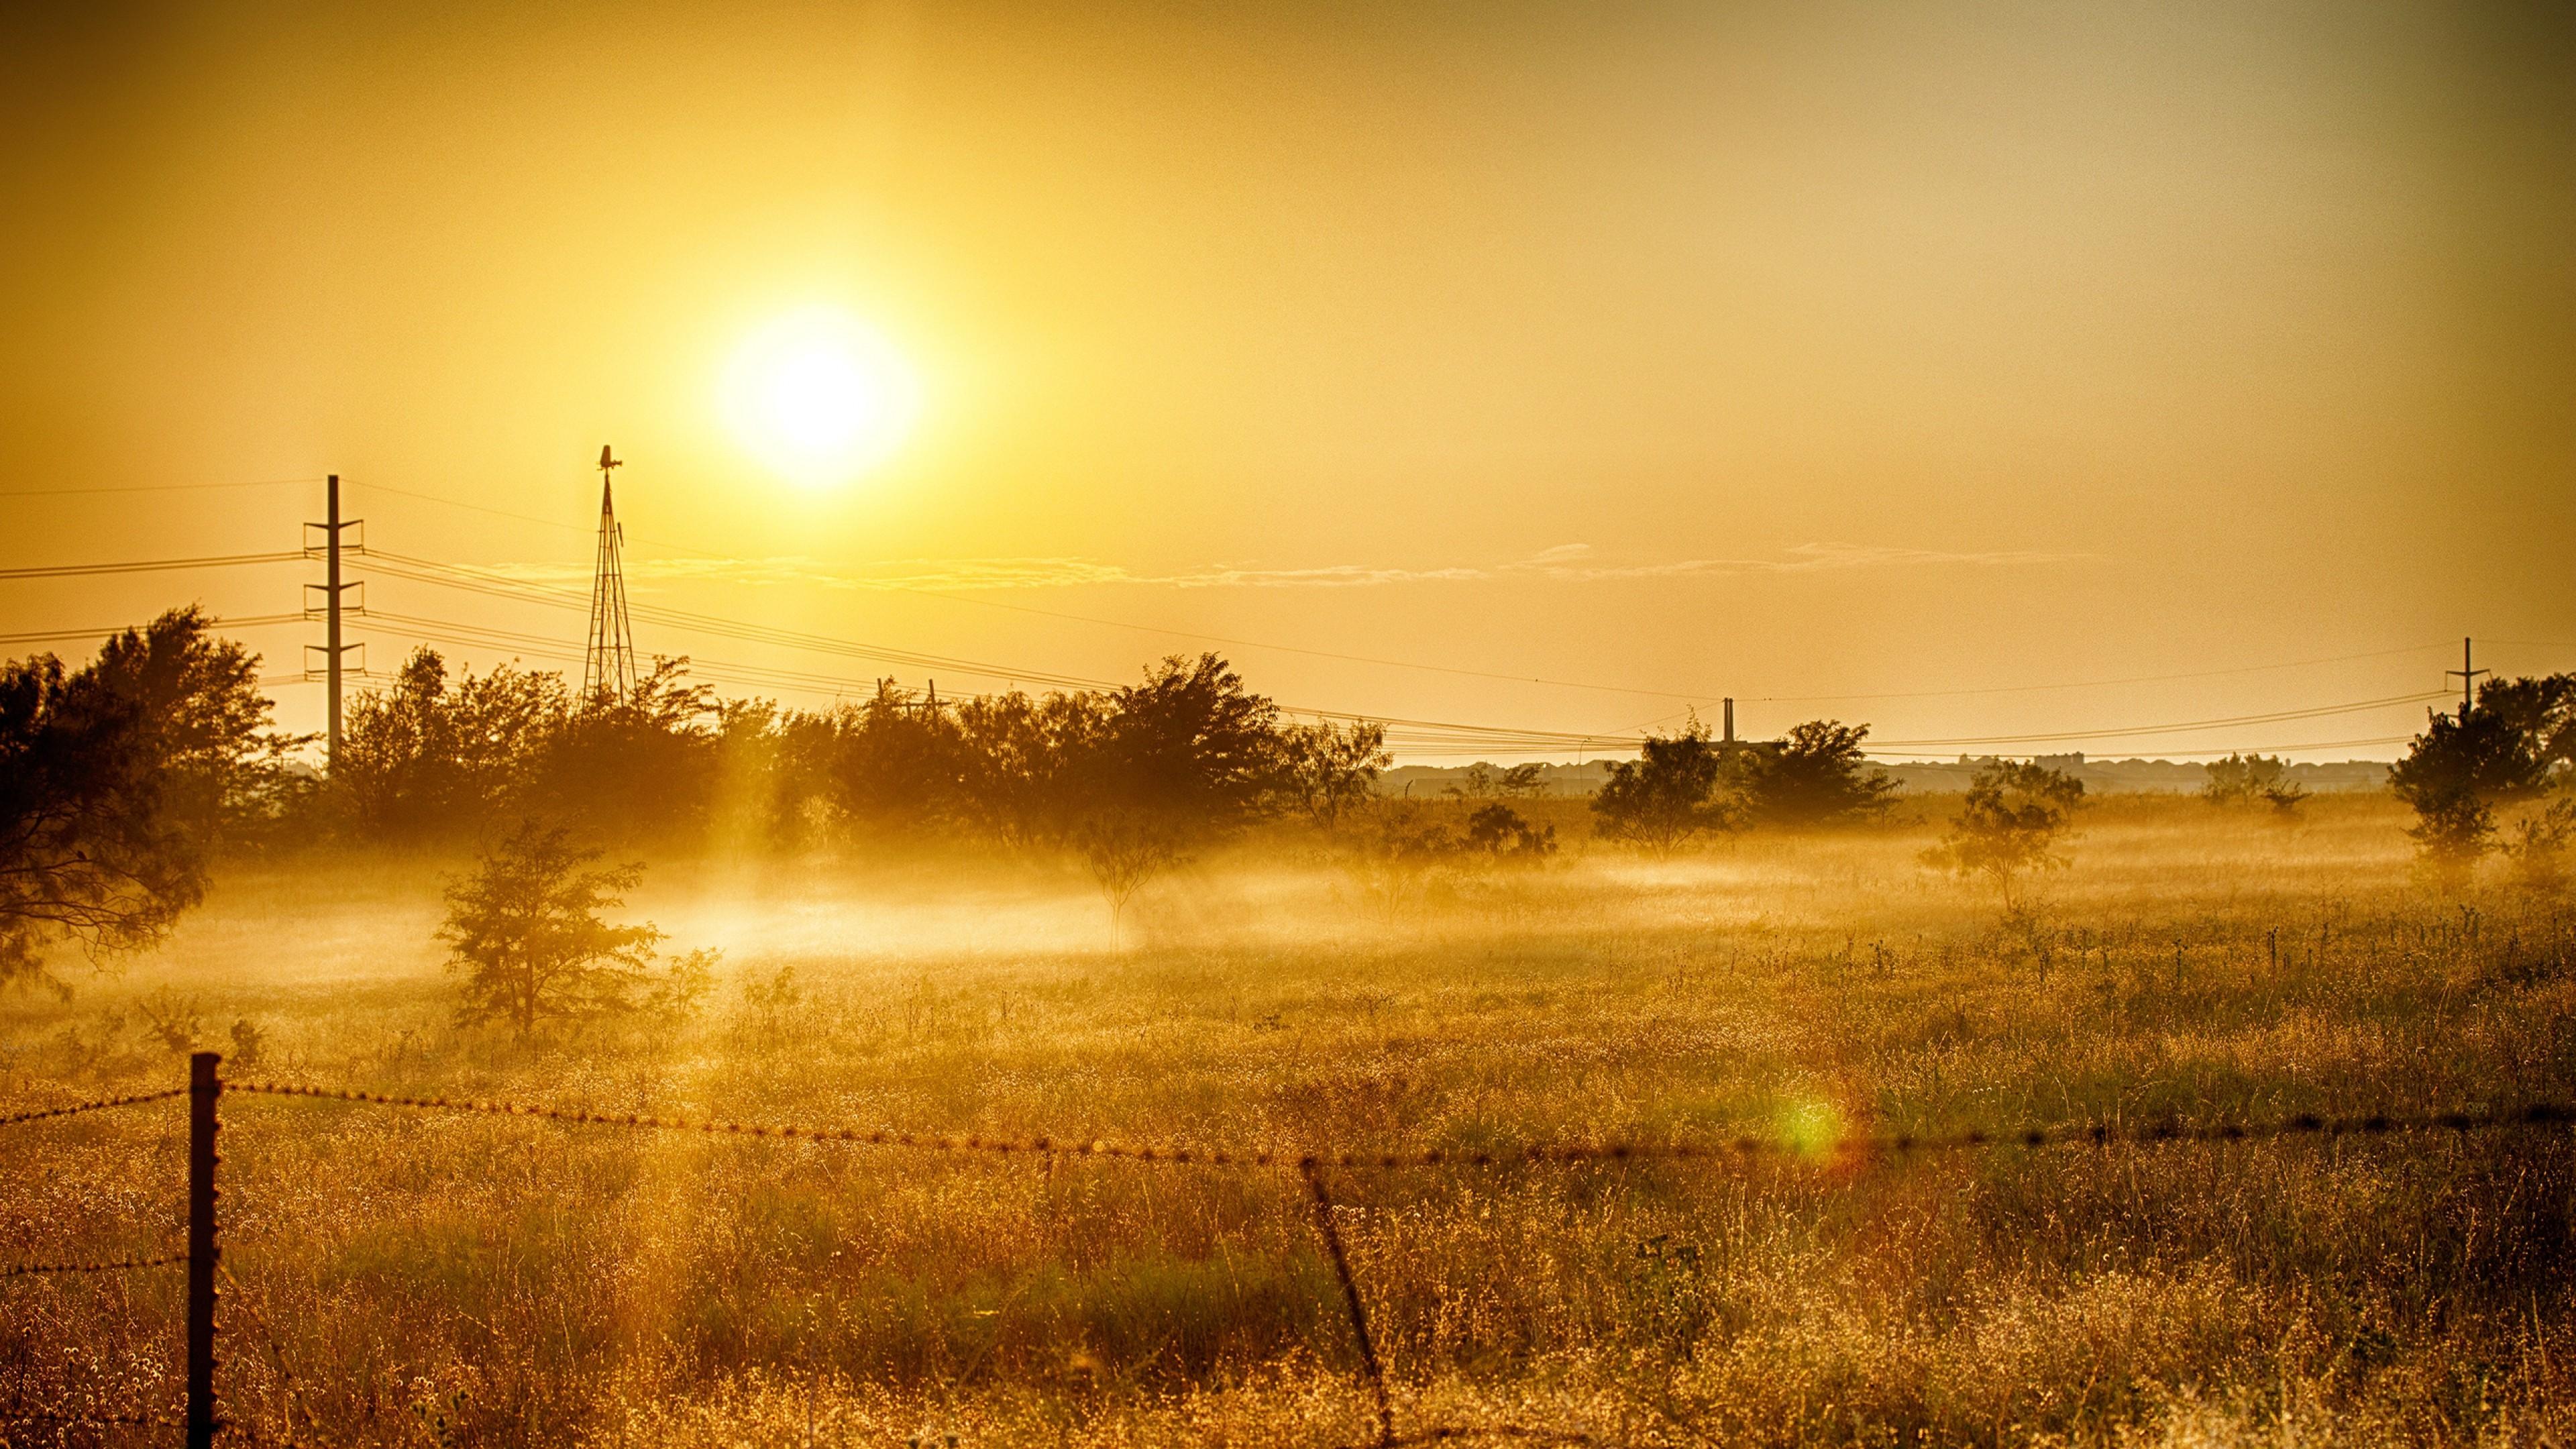 Dawn Grass In Summer Light, HD Nature, 4k Wallpapers ...